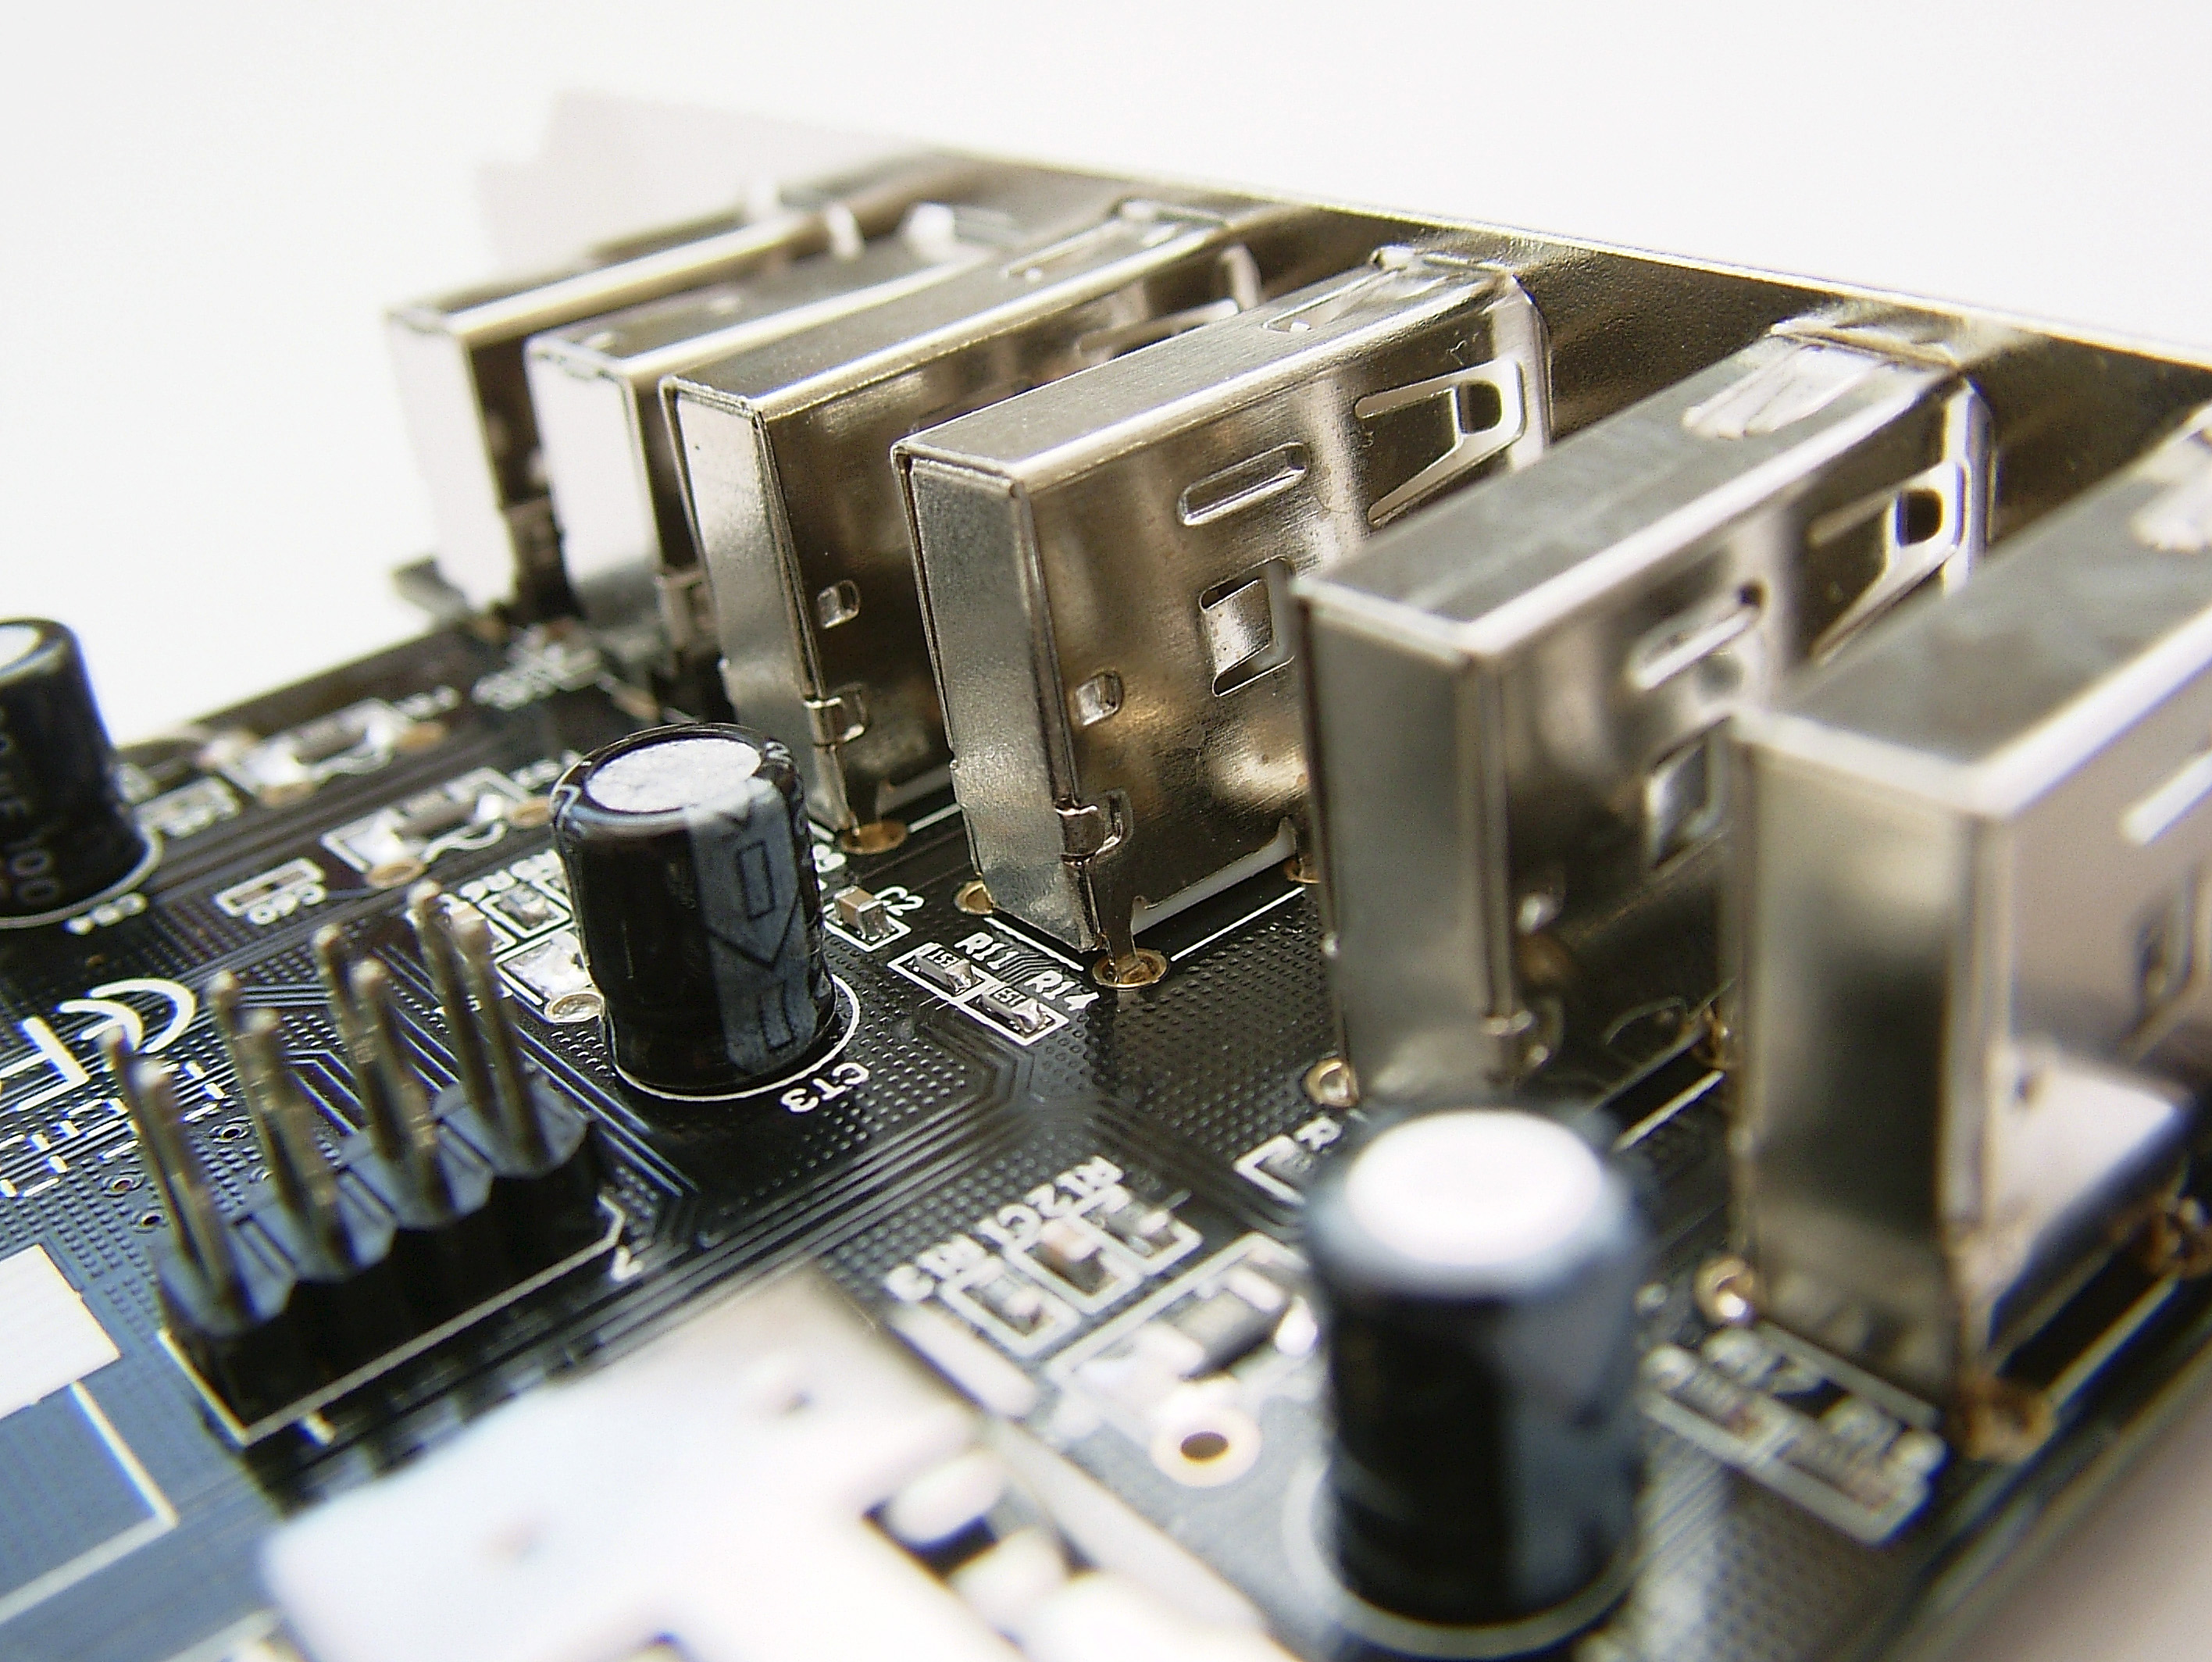 Hvad er USB 3.0